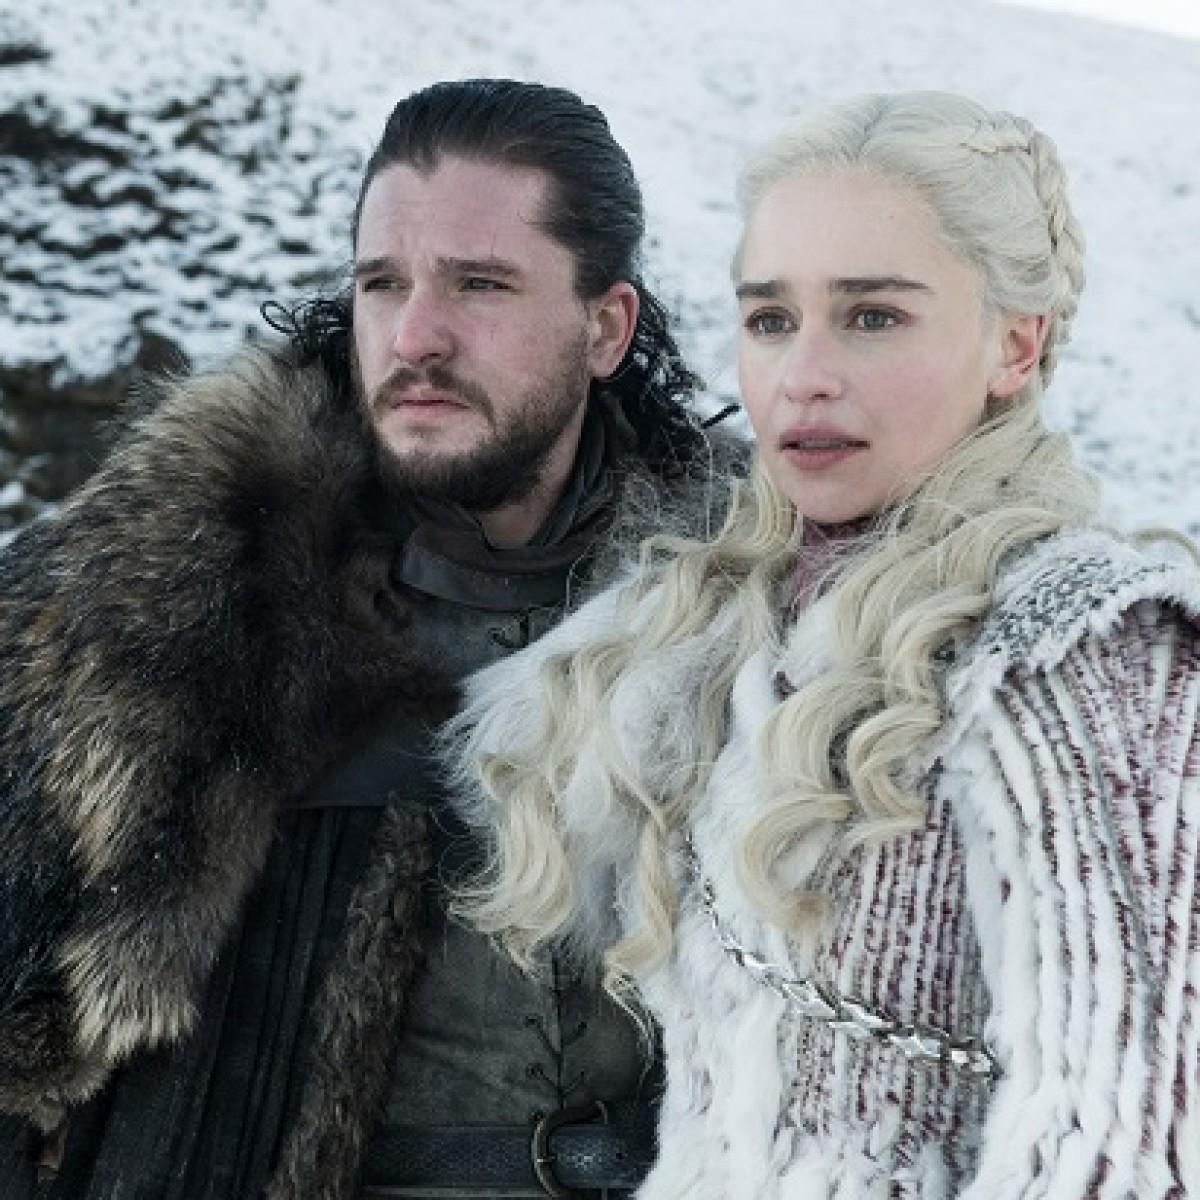 """Illegale Downloads 2019: """"Game of Thrones"""" erobert Thron ein letztes Mal zurück – Vorjahres-Spitzenreiter """"The Walking Dead"""" sackt deutlich ab – Bild: HBO/Helen Sloan"""